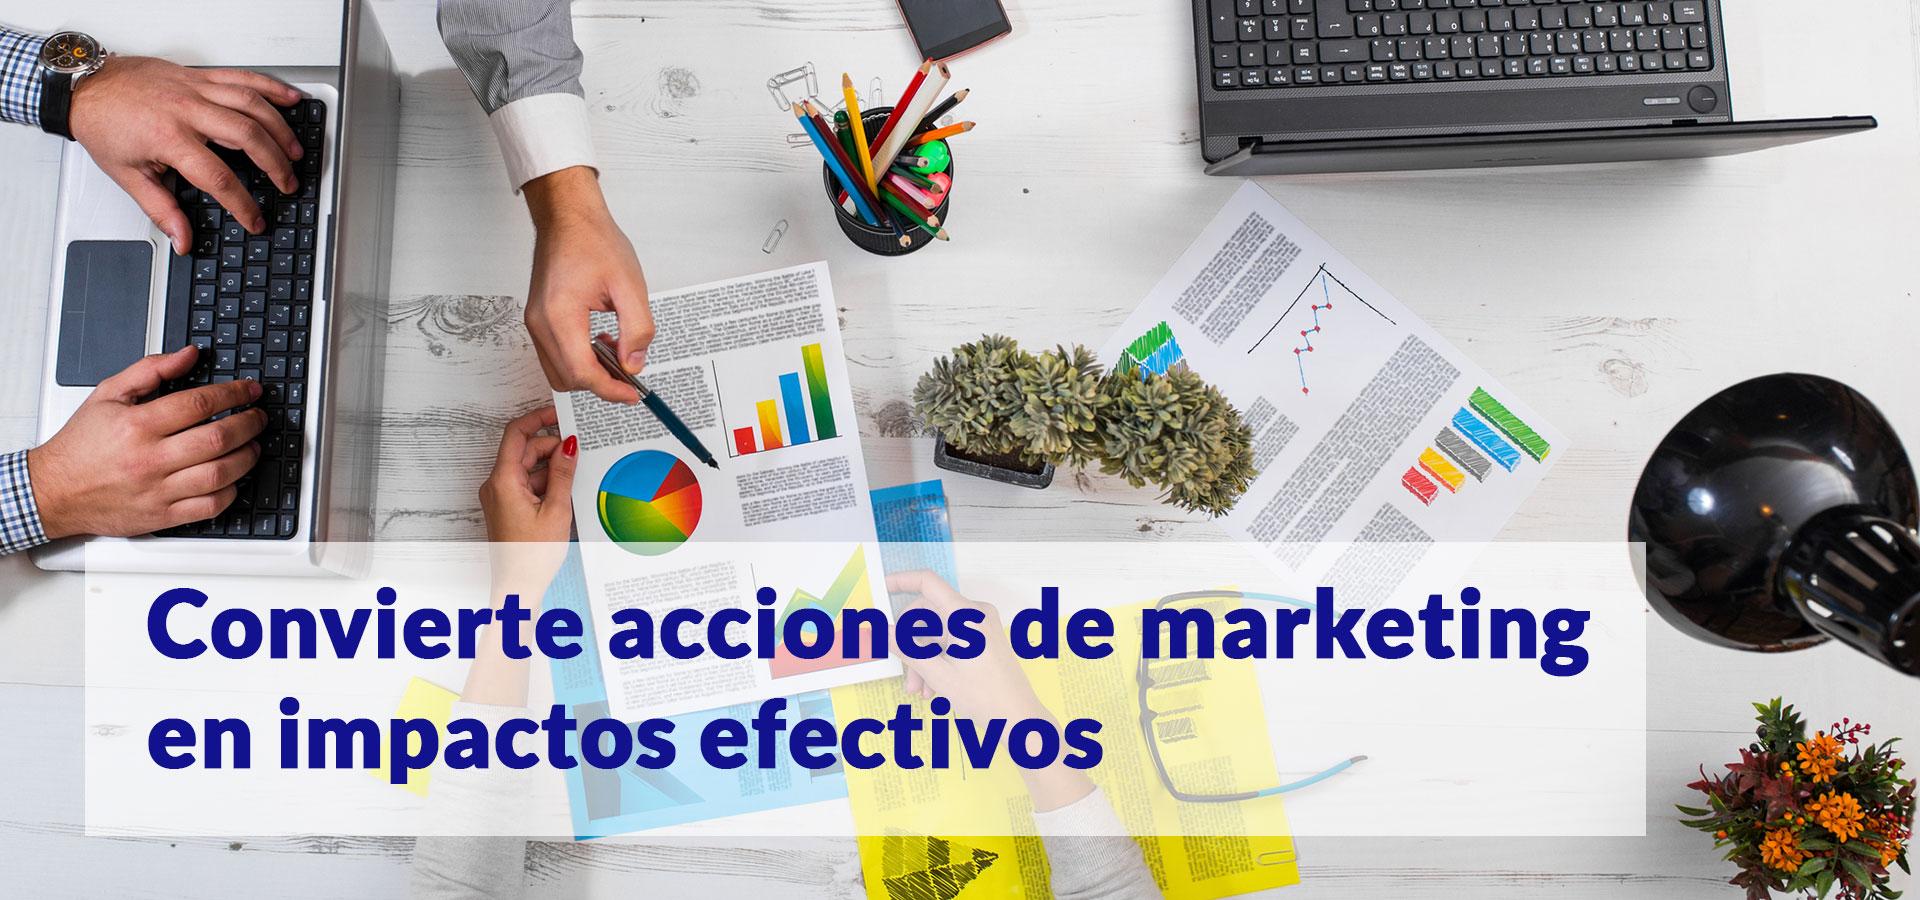 Convierte acciones de marketing en impactos efectivos